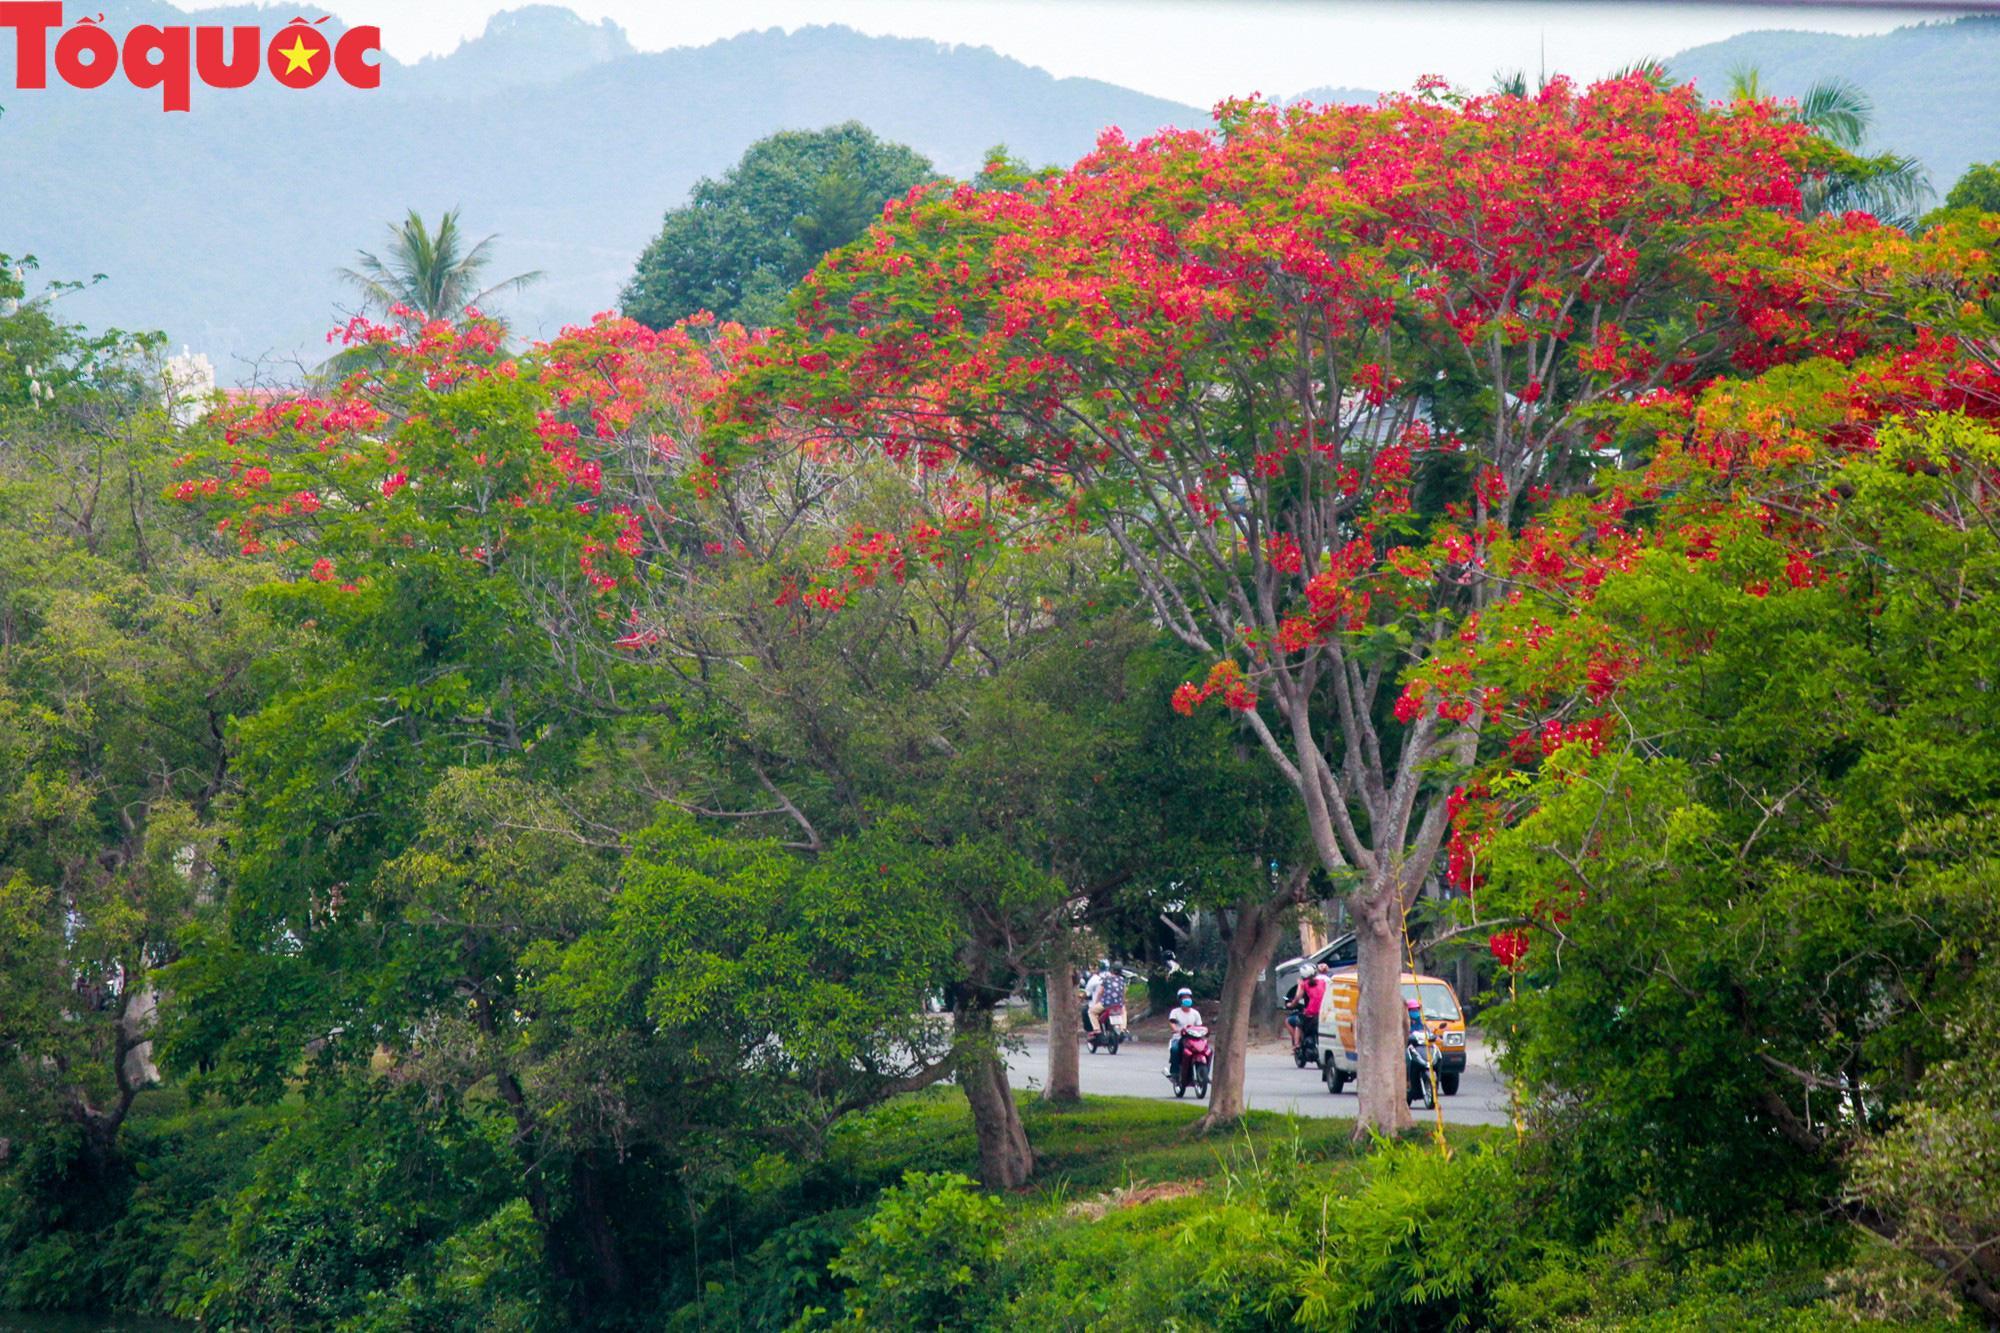 Đất trời xứ Huế đẹp rực rỡ trong mùa phượng vĩ nở hoa Ảnh 1